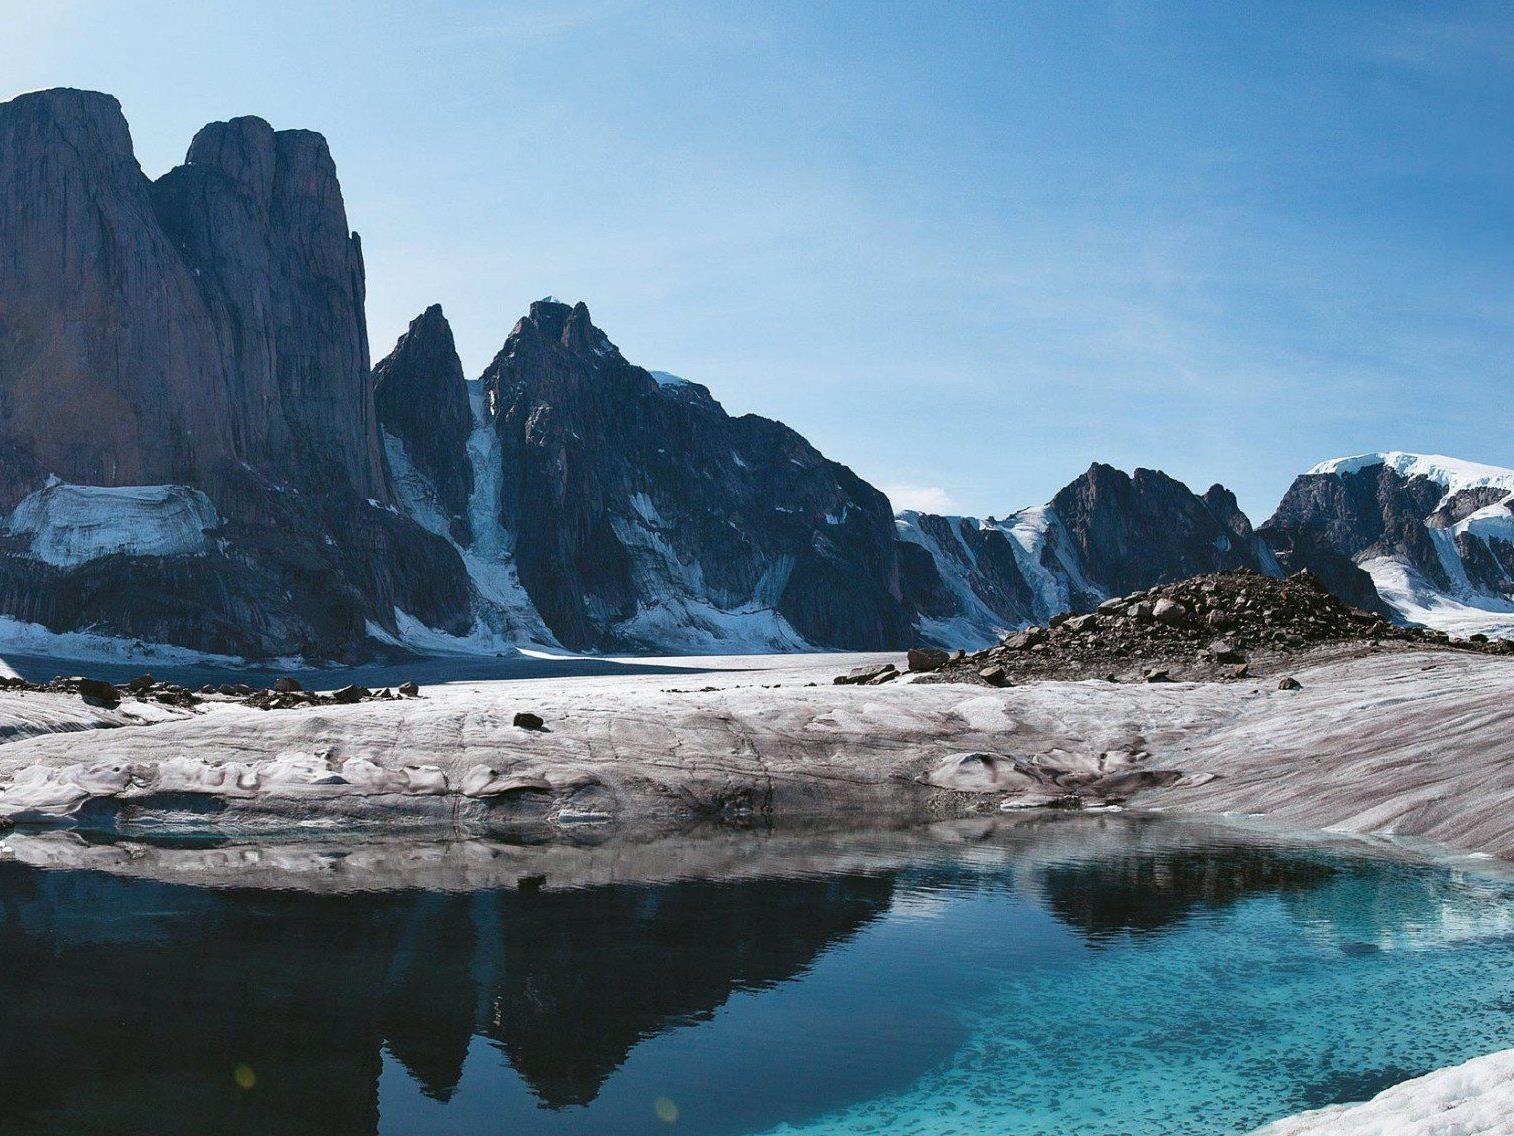 Im Reisetagebuch beschreiben die Huber-Brüder ihren Aufstieg auf den Mount Asgard.